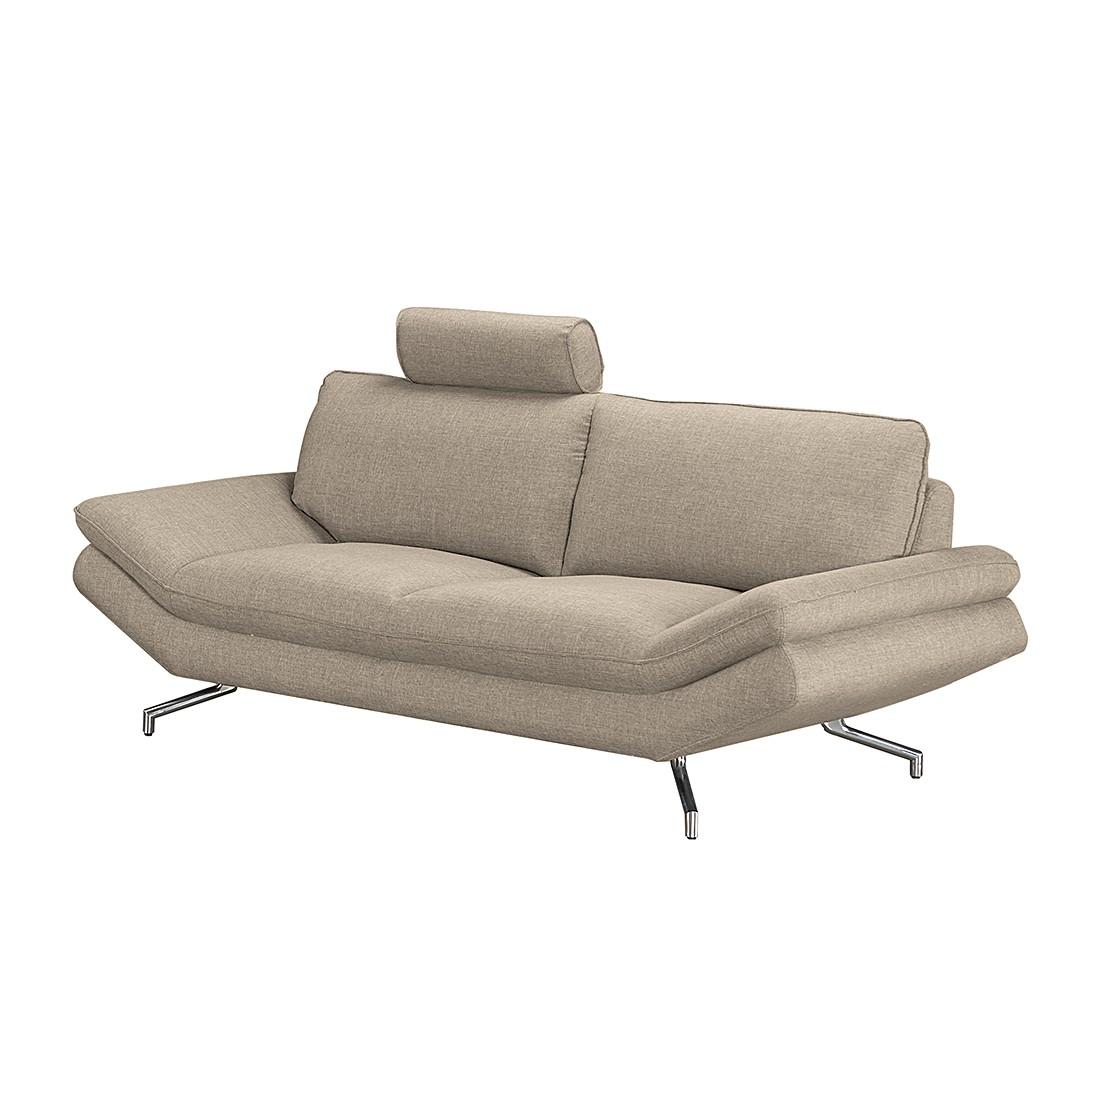 sofa 3 sitzer mit hocker die neueste innovation der. Black Bedroom Furniture Sets. Home Design Ideas